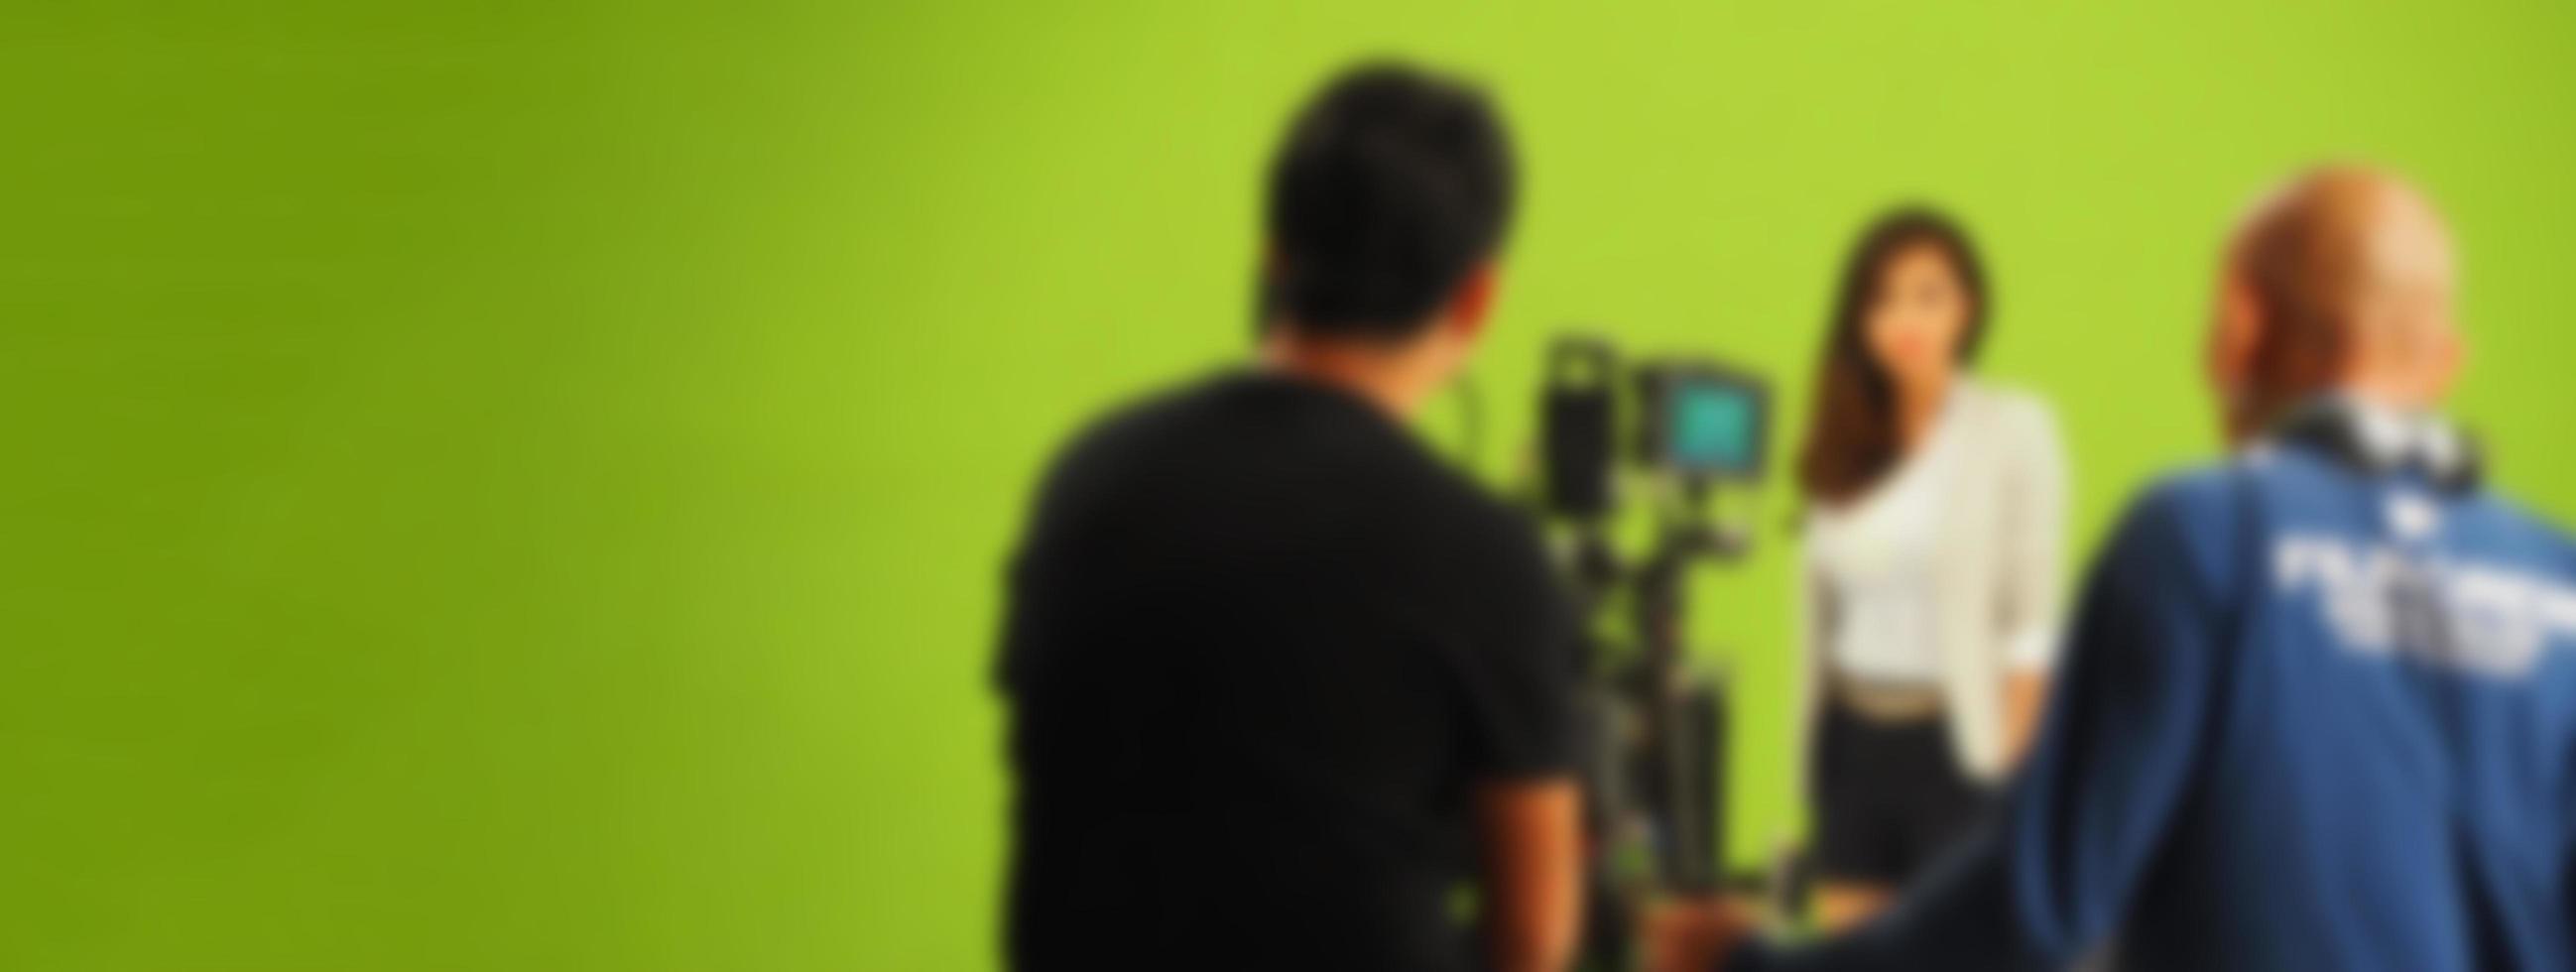 imágenes borrosas de hacer un video comercial de televisión foto